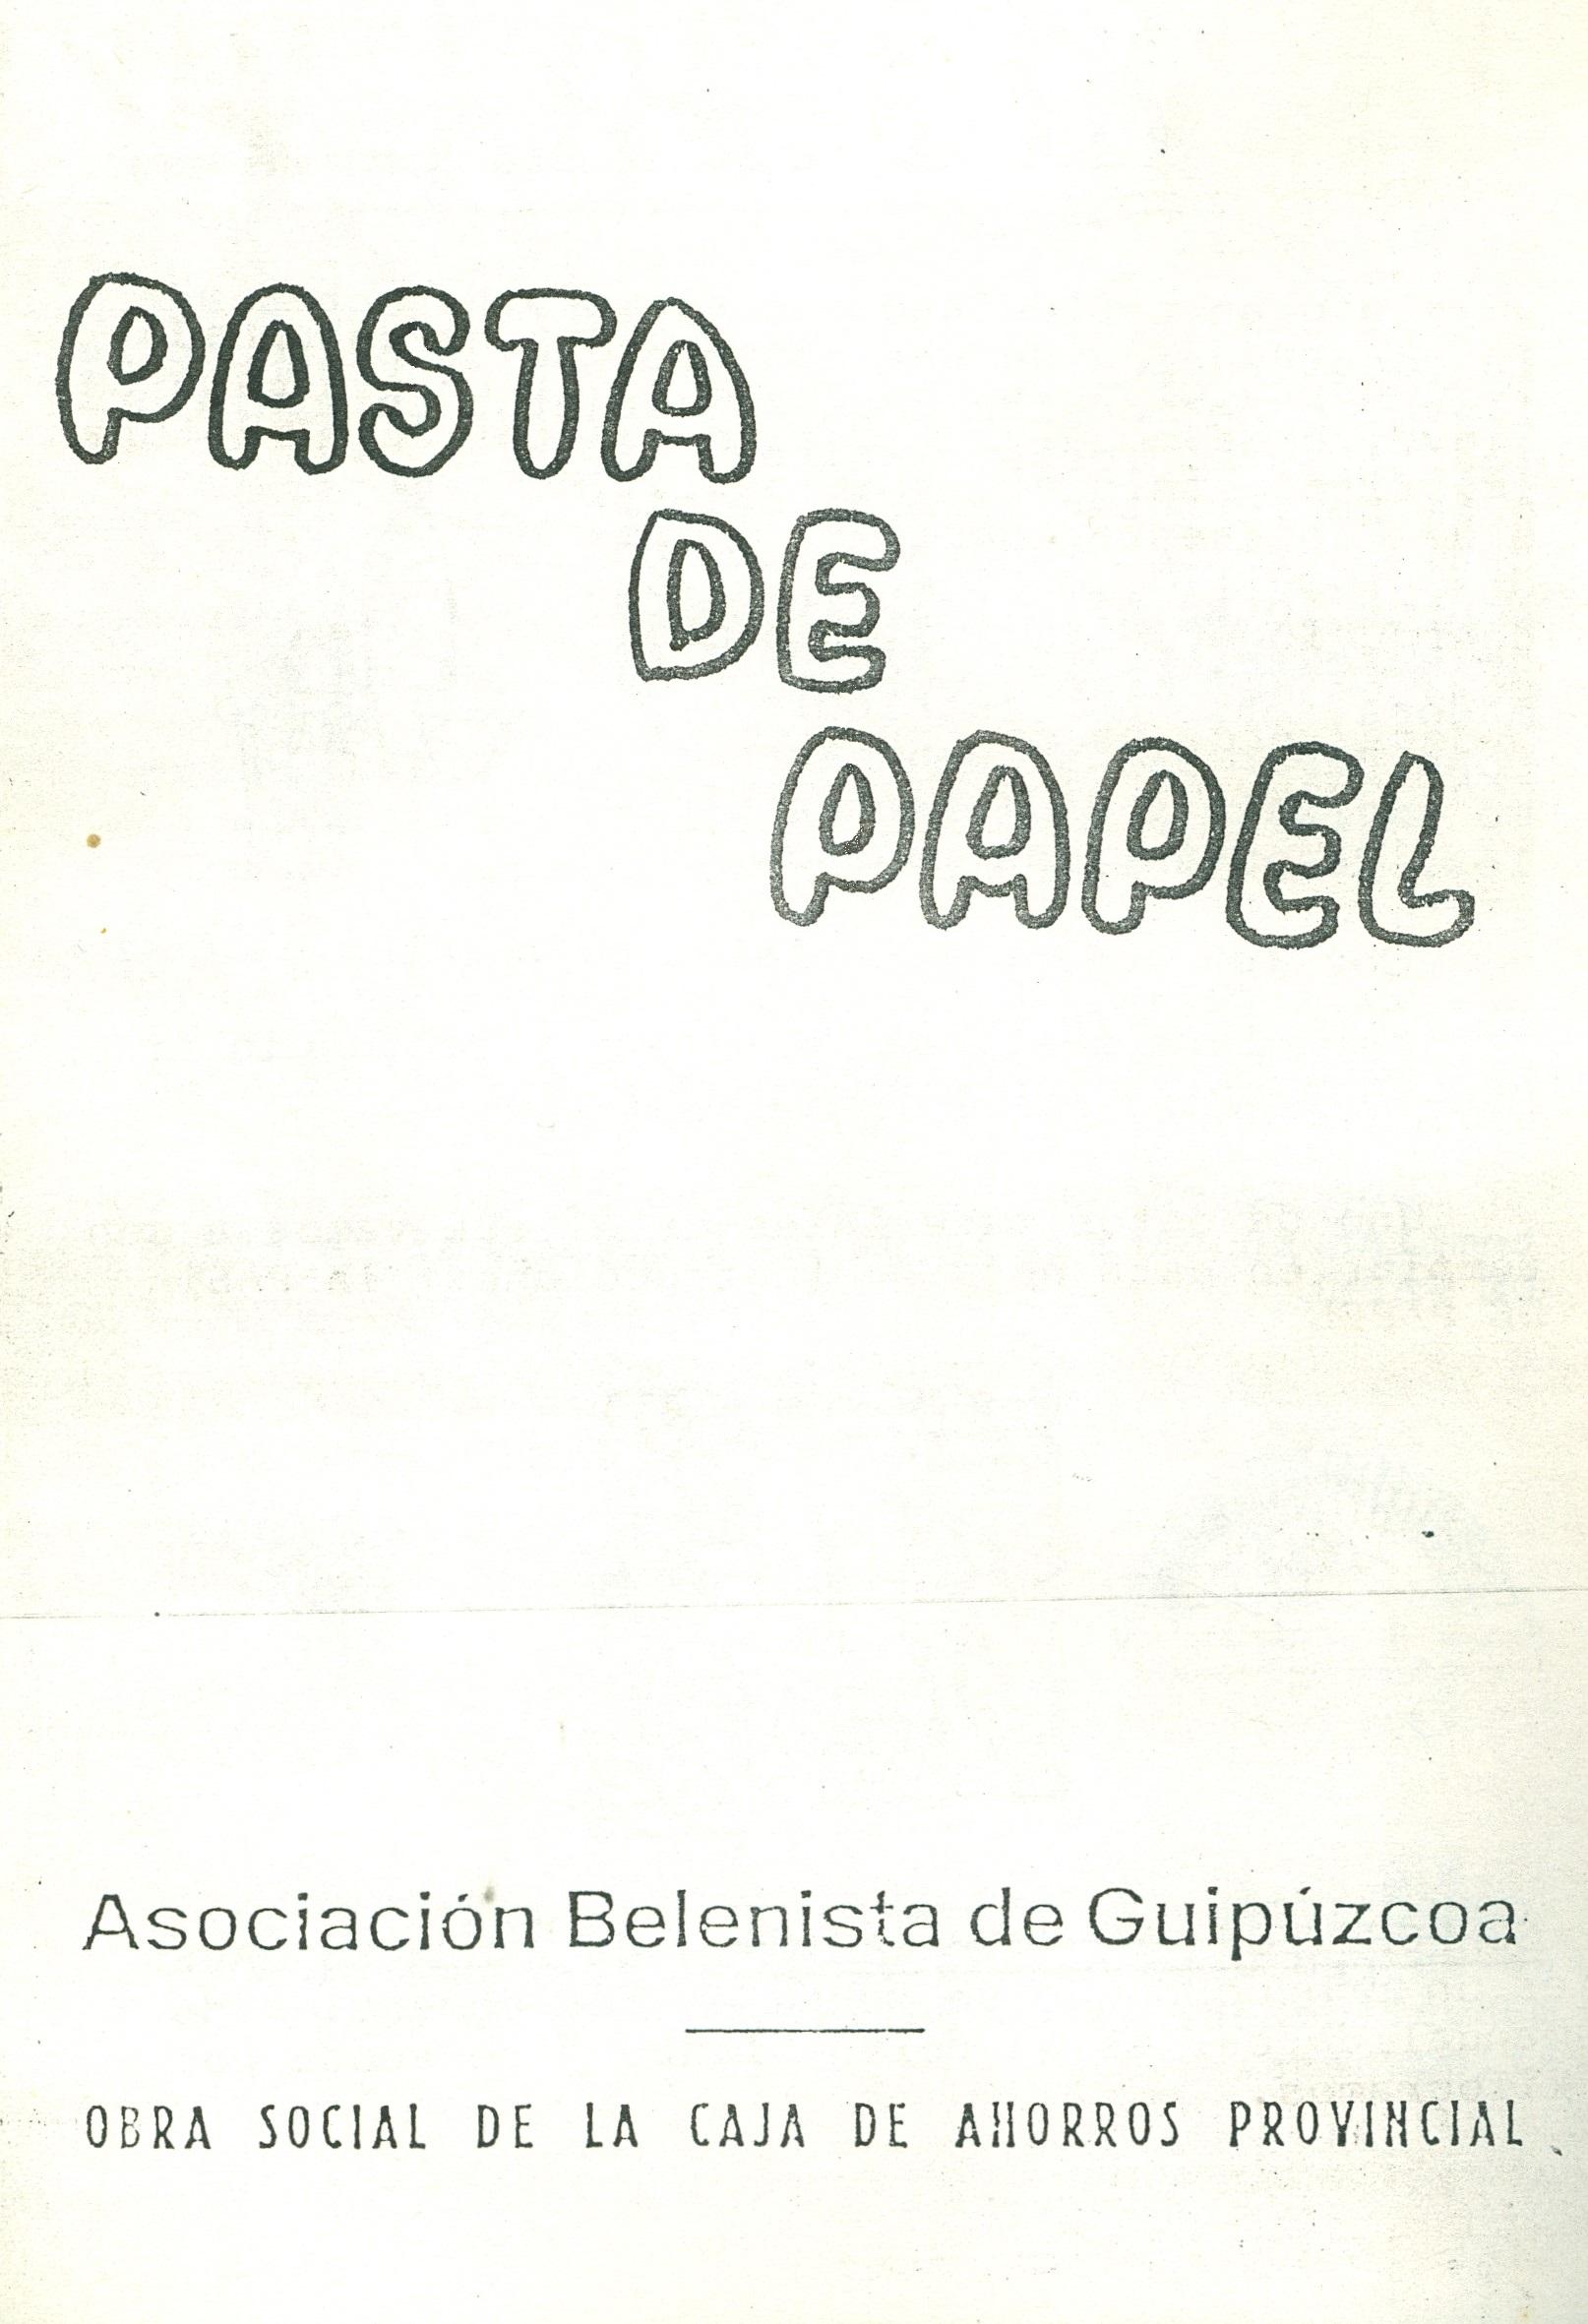 Portada del folleto Pasta de Papel